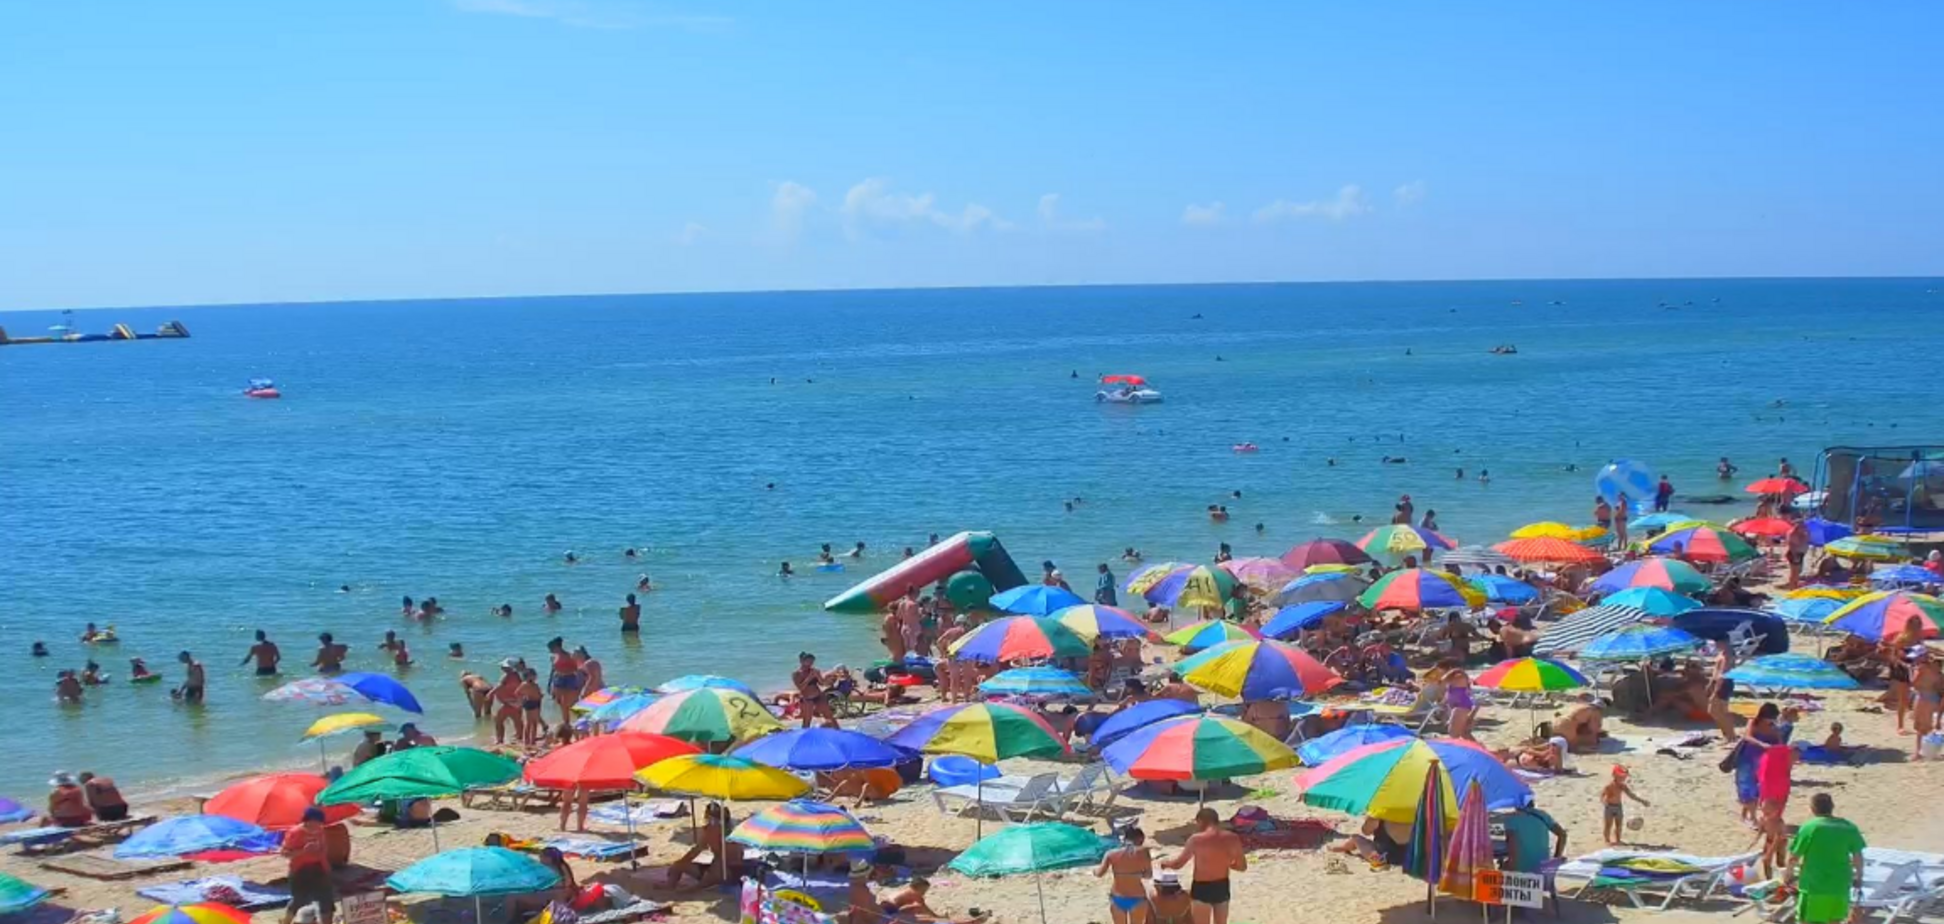 'Відпочивають по-багатому': в мережі порівняли пляжі в Криму і на Херсонщині